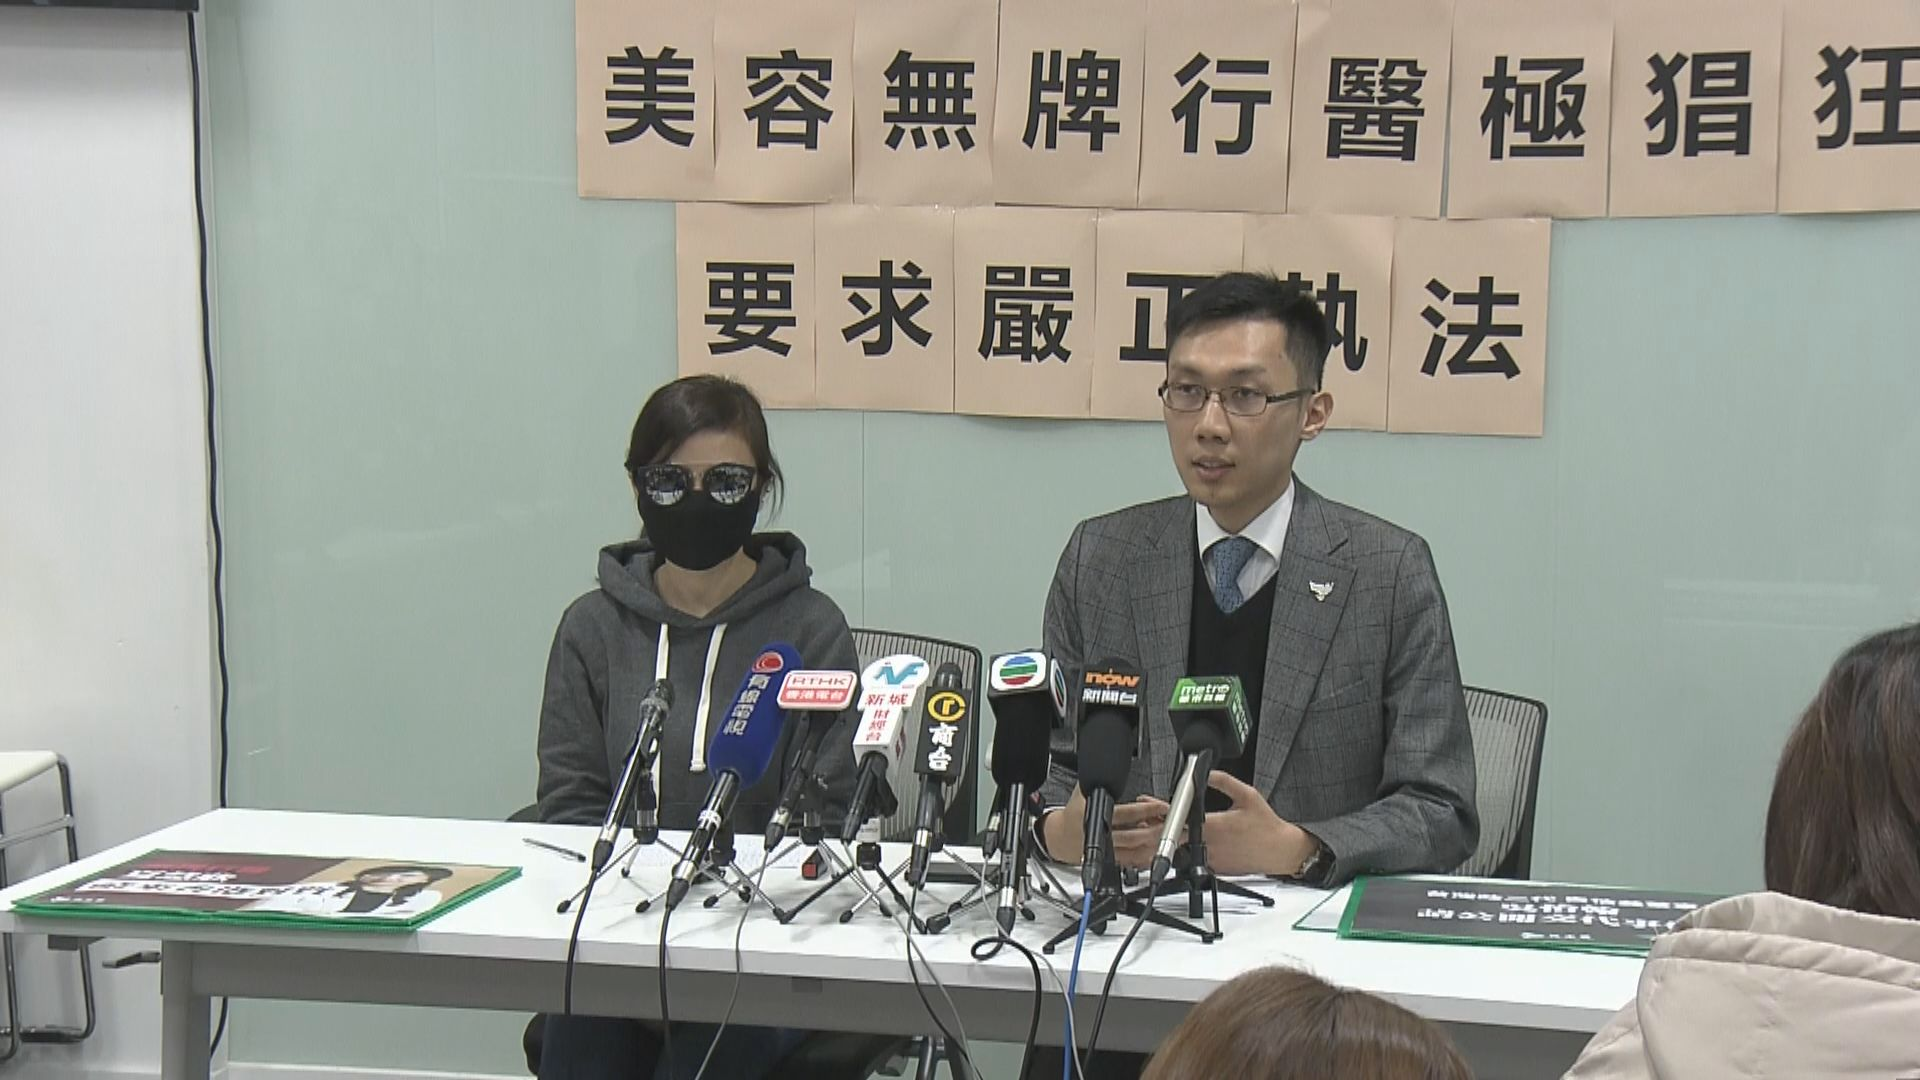 袁海文:衛生署應進一步加強監管